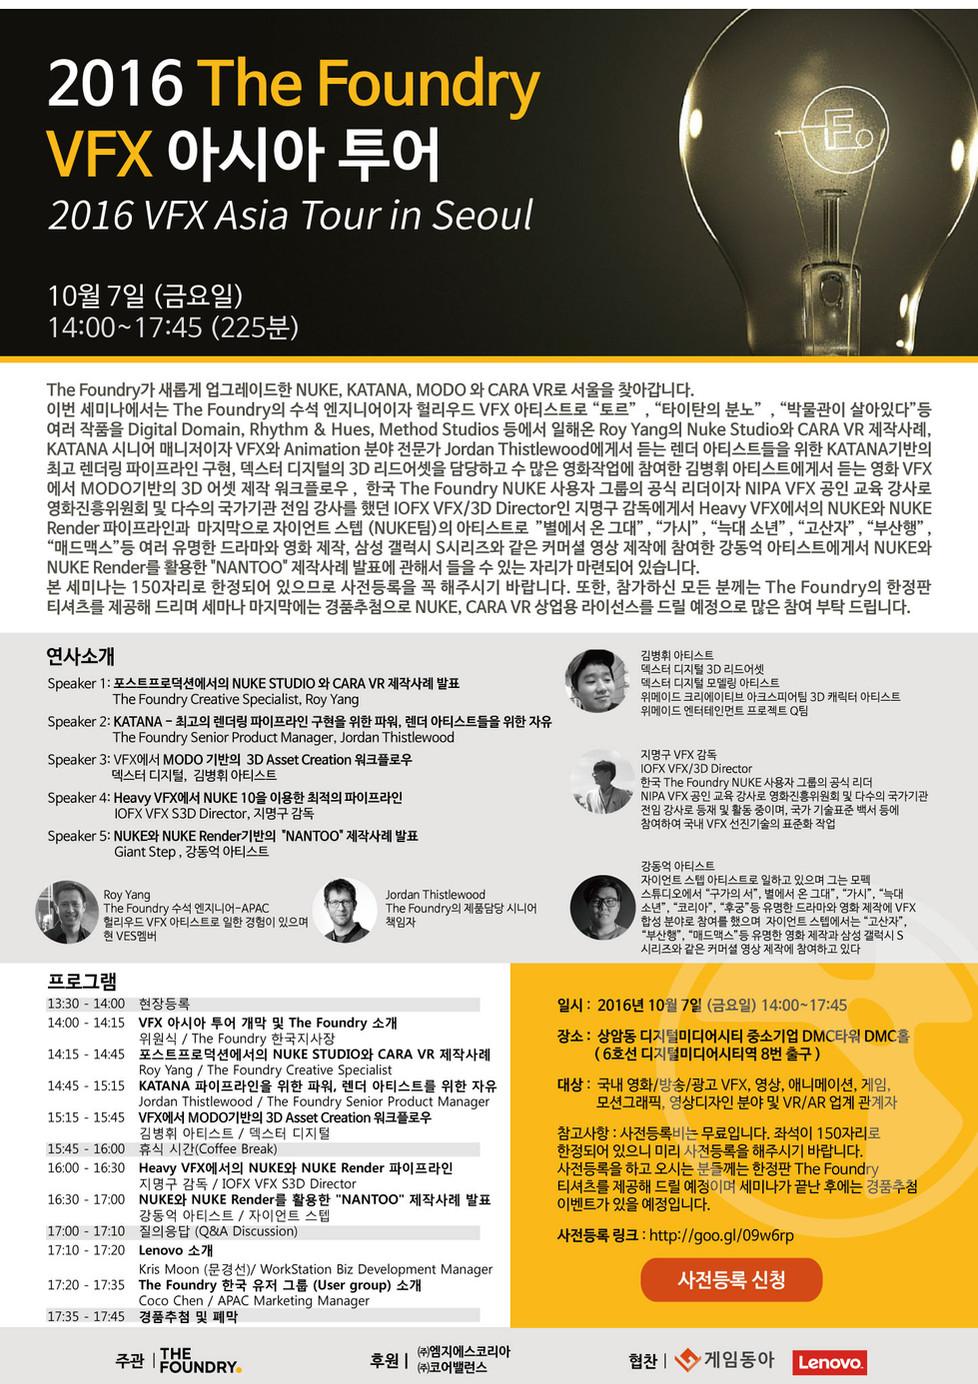 2016 The Foundry VFX Asia Tour가 열립니다.